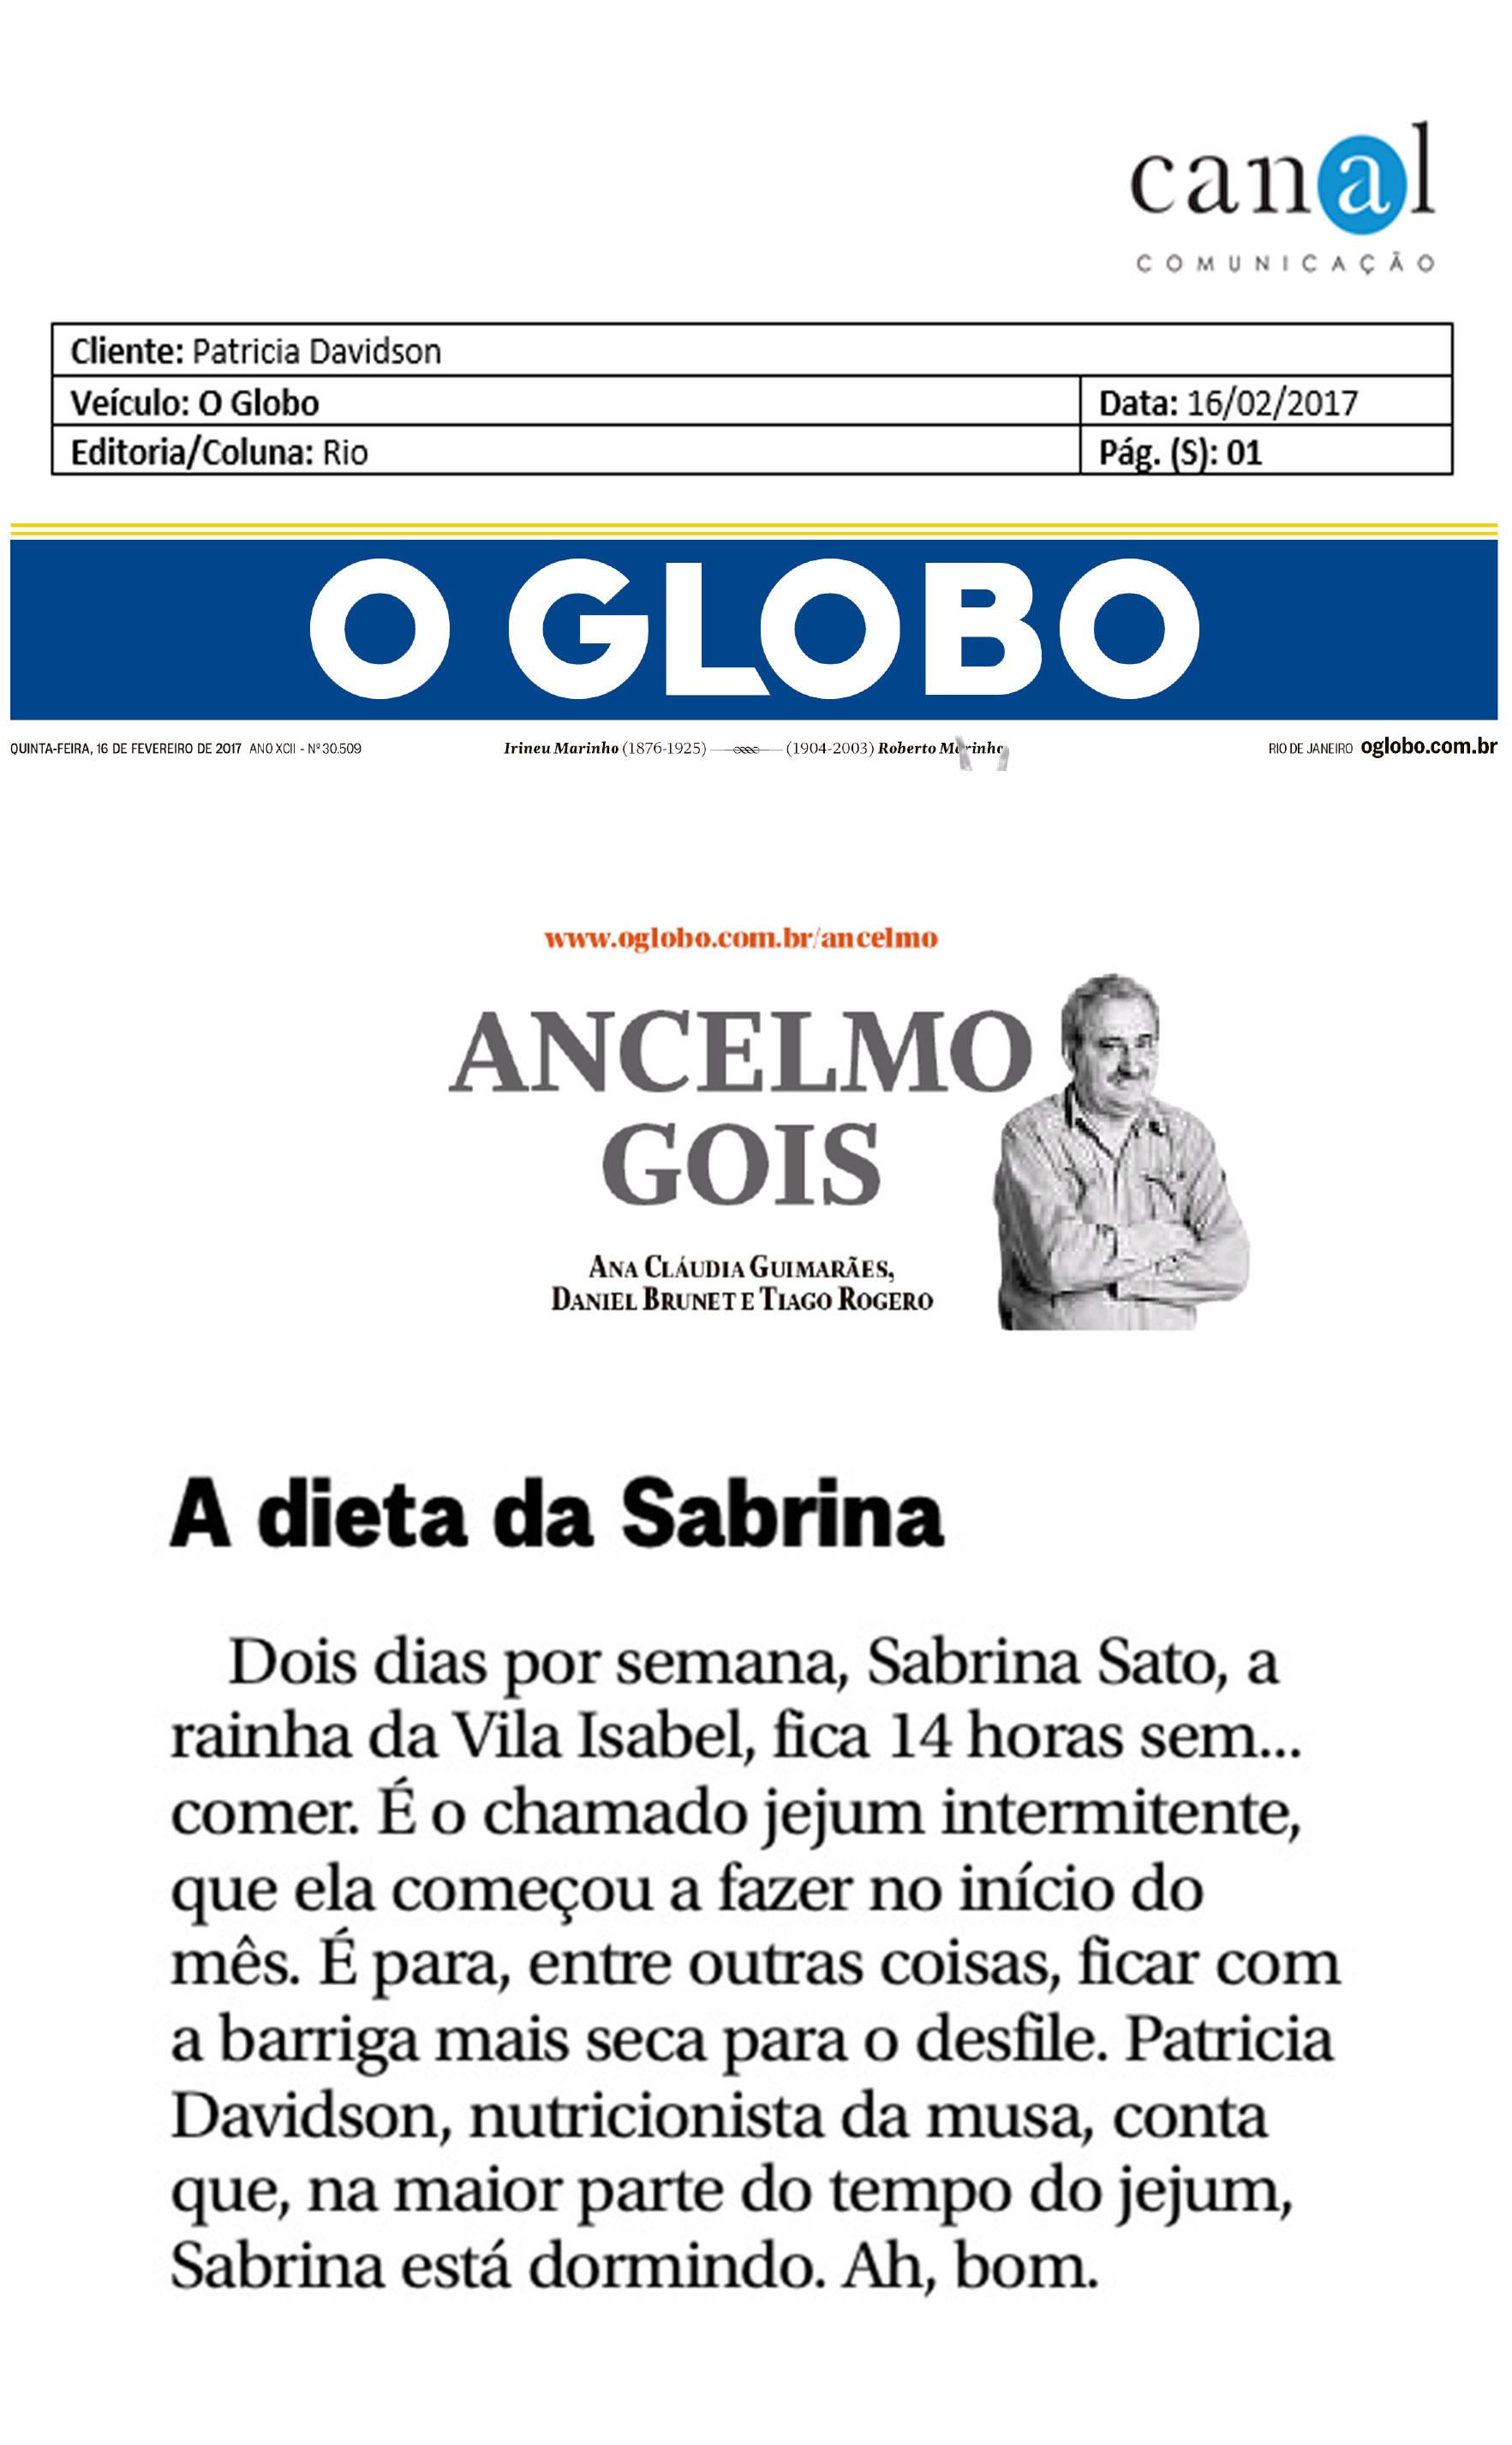 Patricia-Davidson_O-Globo_Rio_16-02-2017